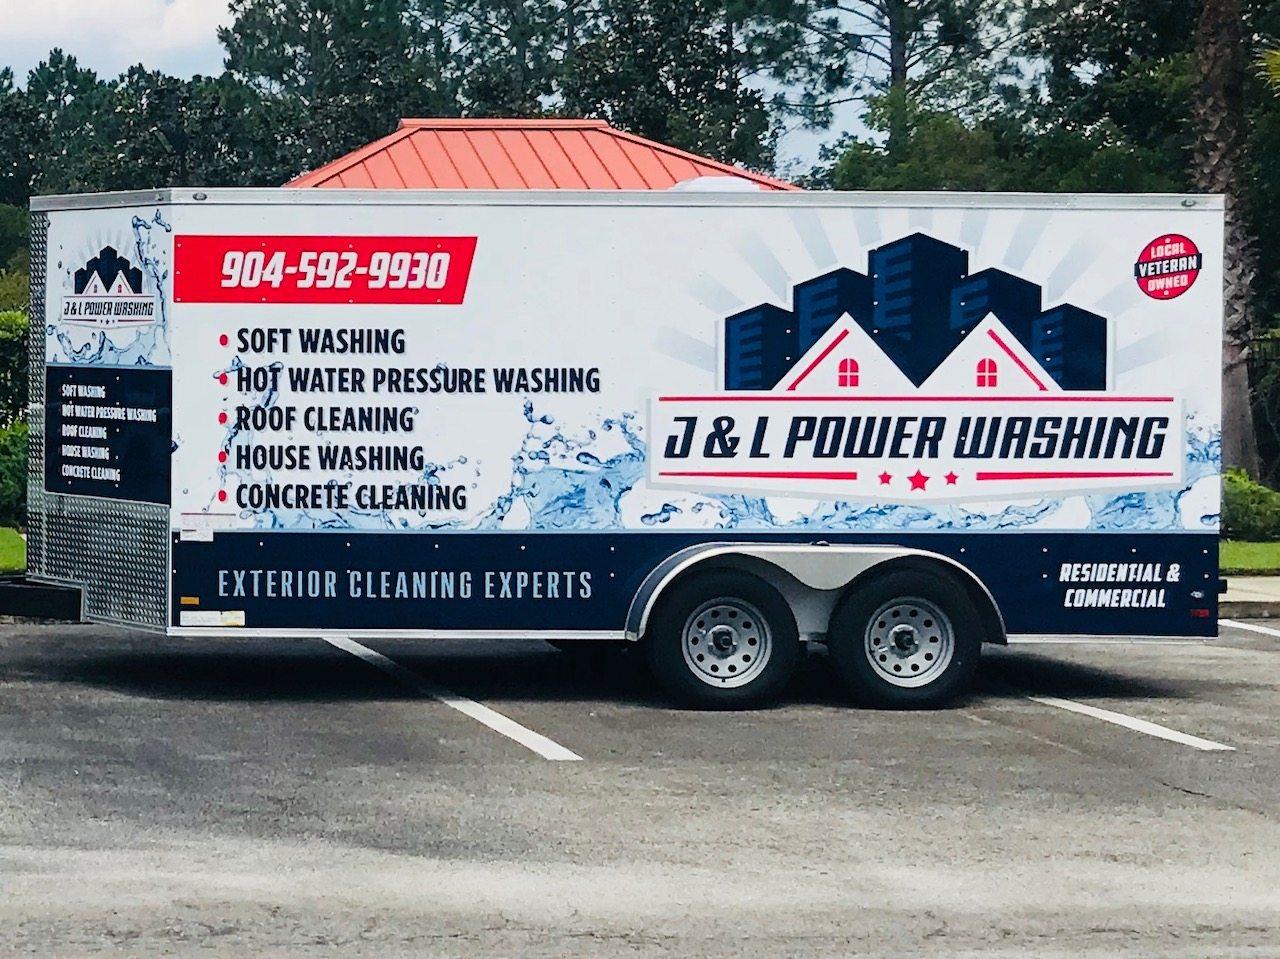 J & L Power Washing